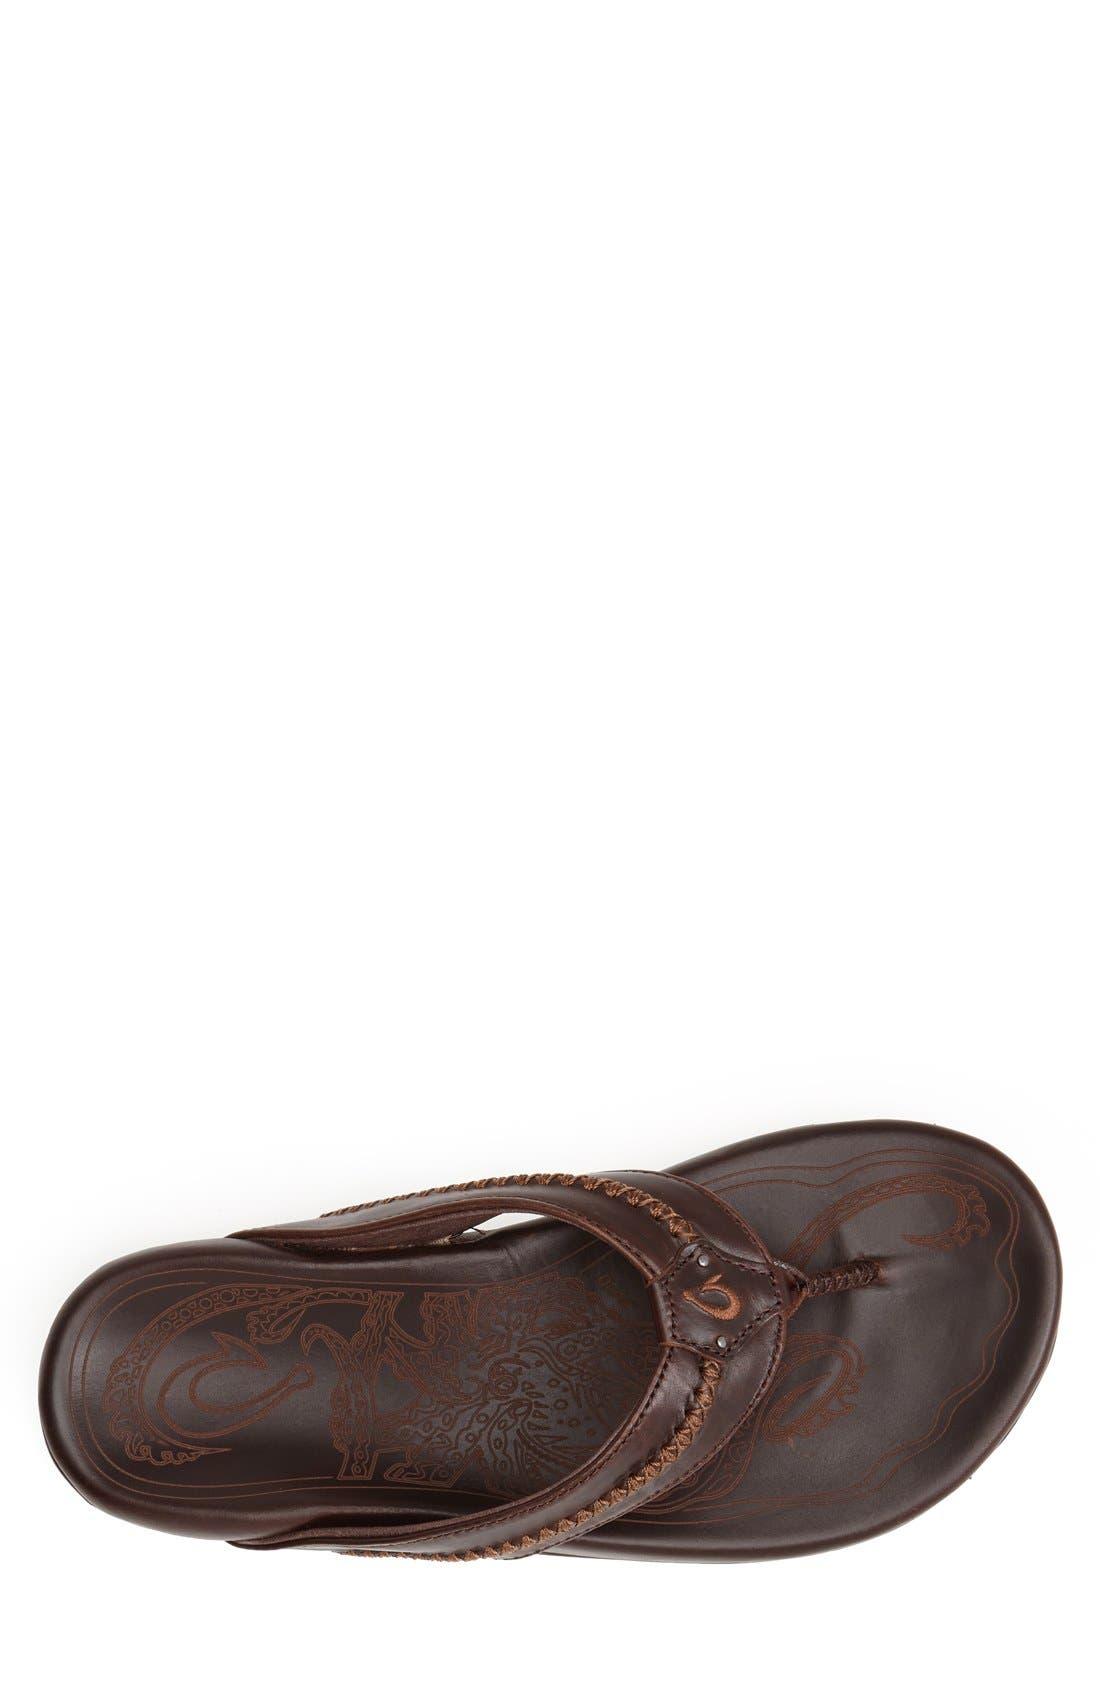 Mea Ola Flip Flop,                             Alternate thumbnail 3, color,                             Dark Java/ Dark Java Leather